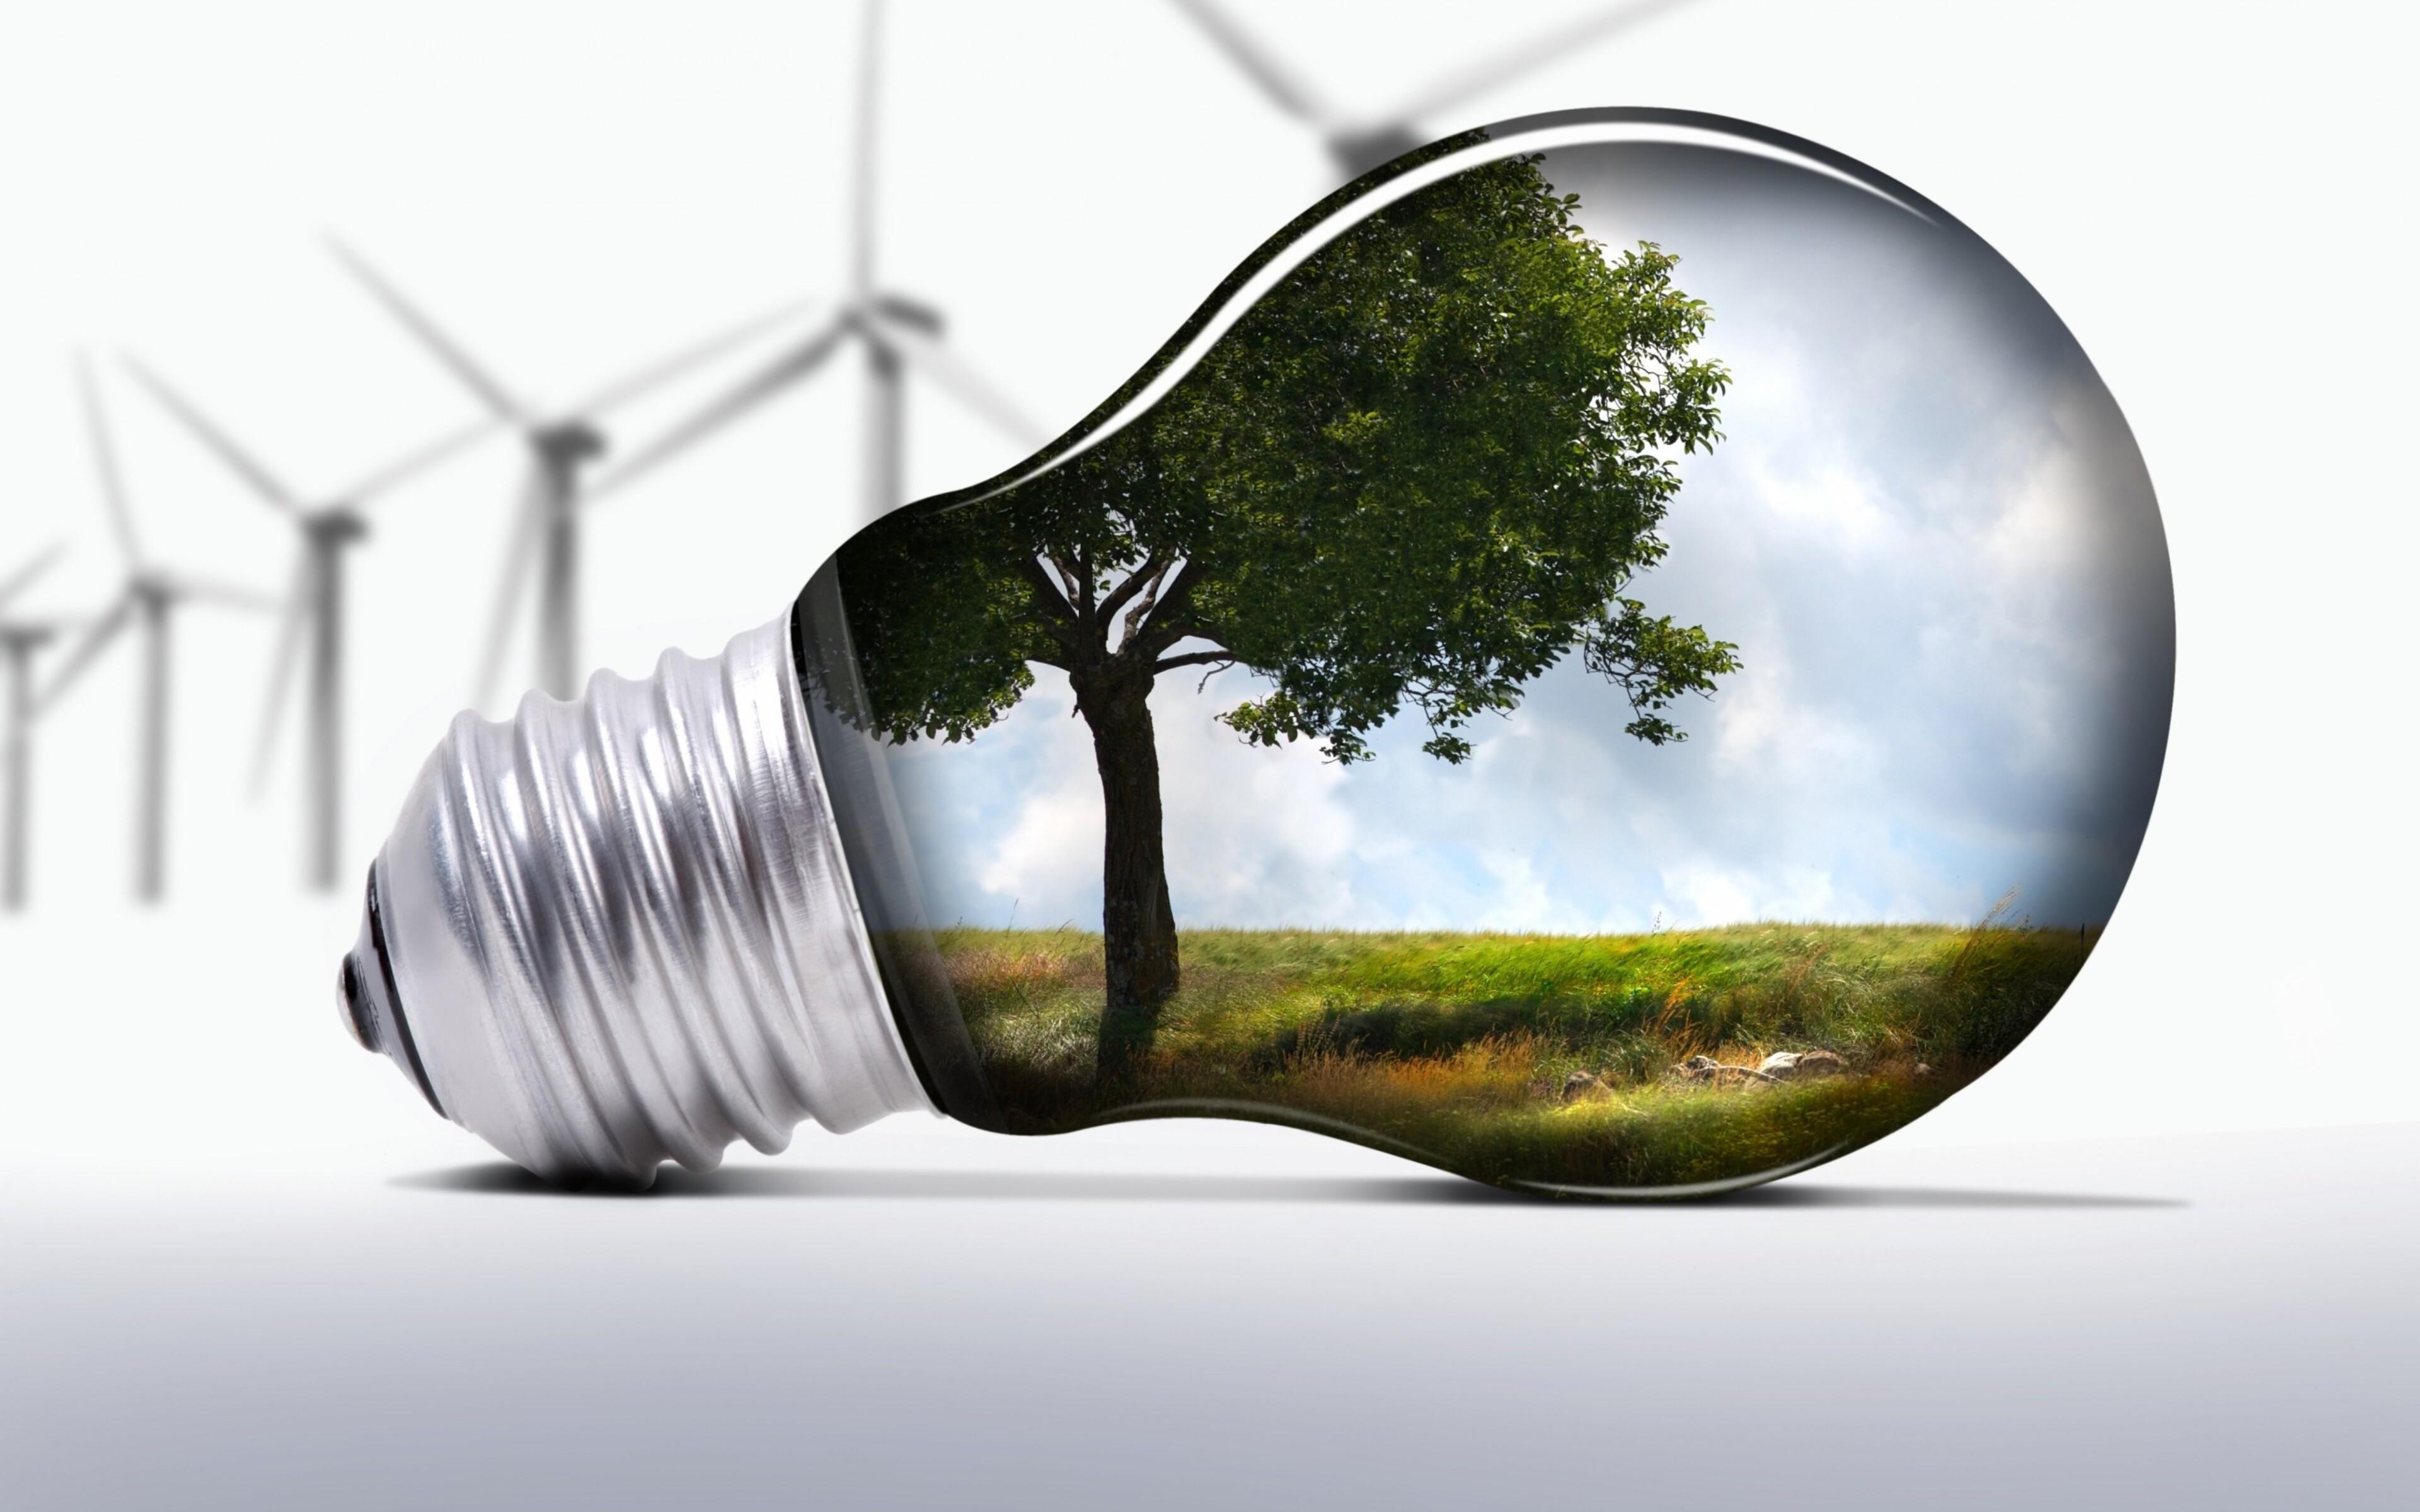 light-bulb-art-image.jpg